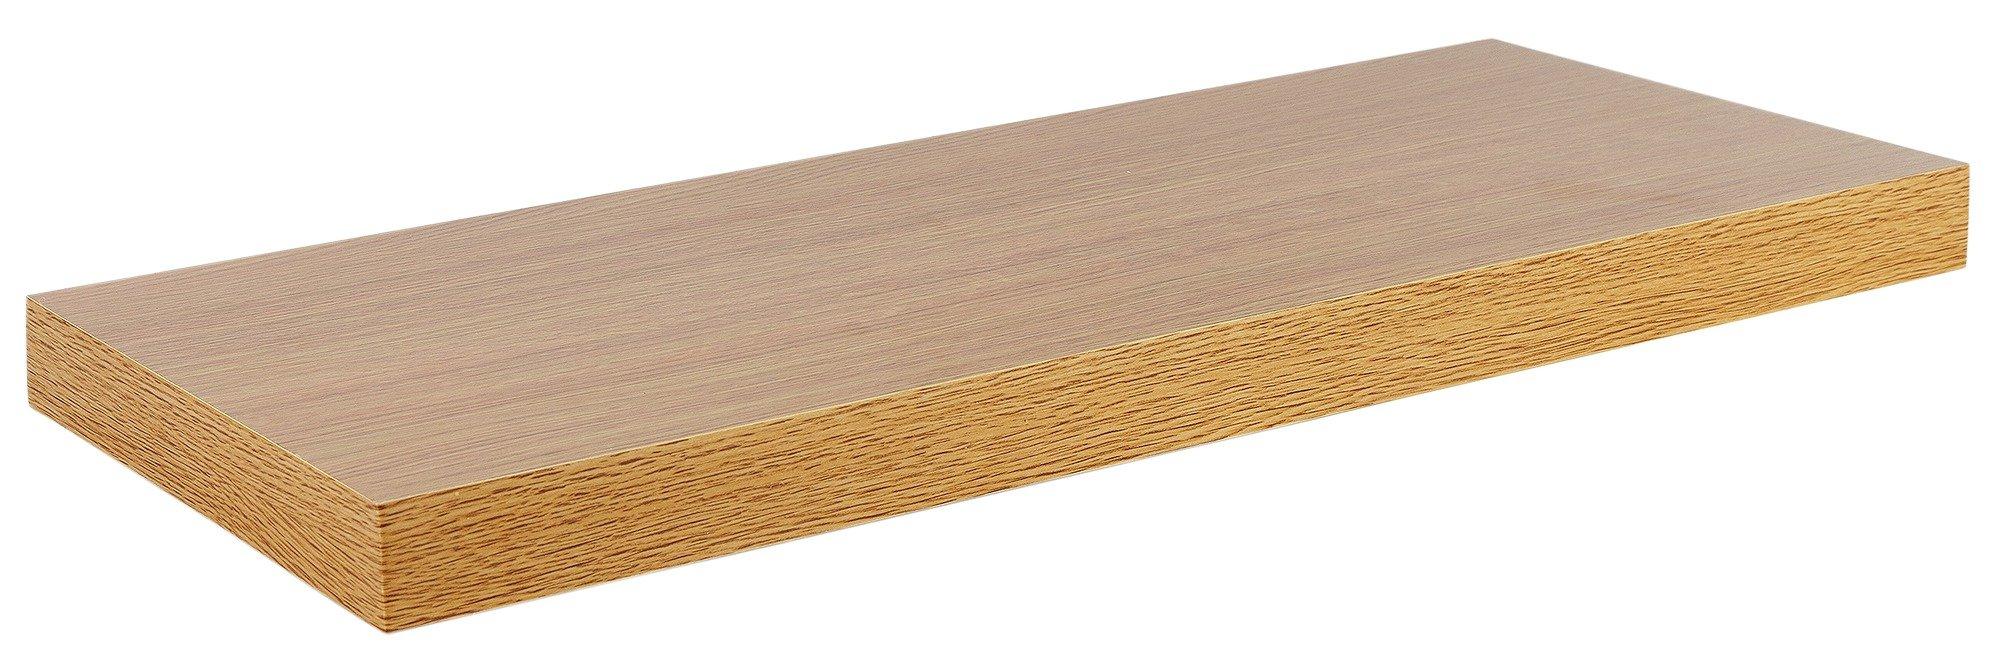 Argos Home Glenmore 60cm Floating Shelf review